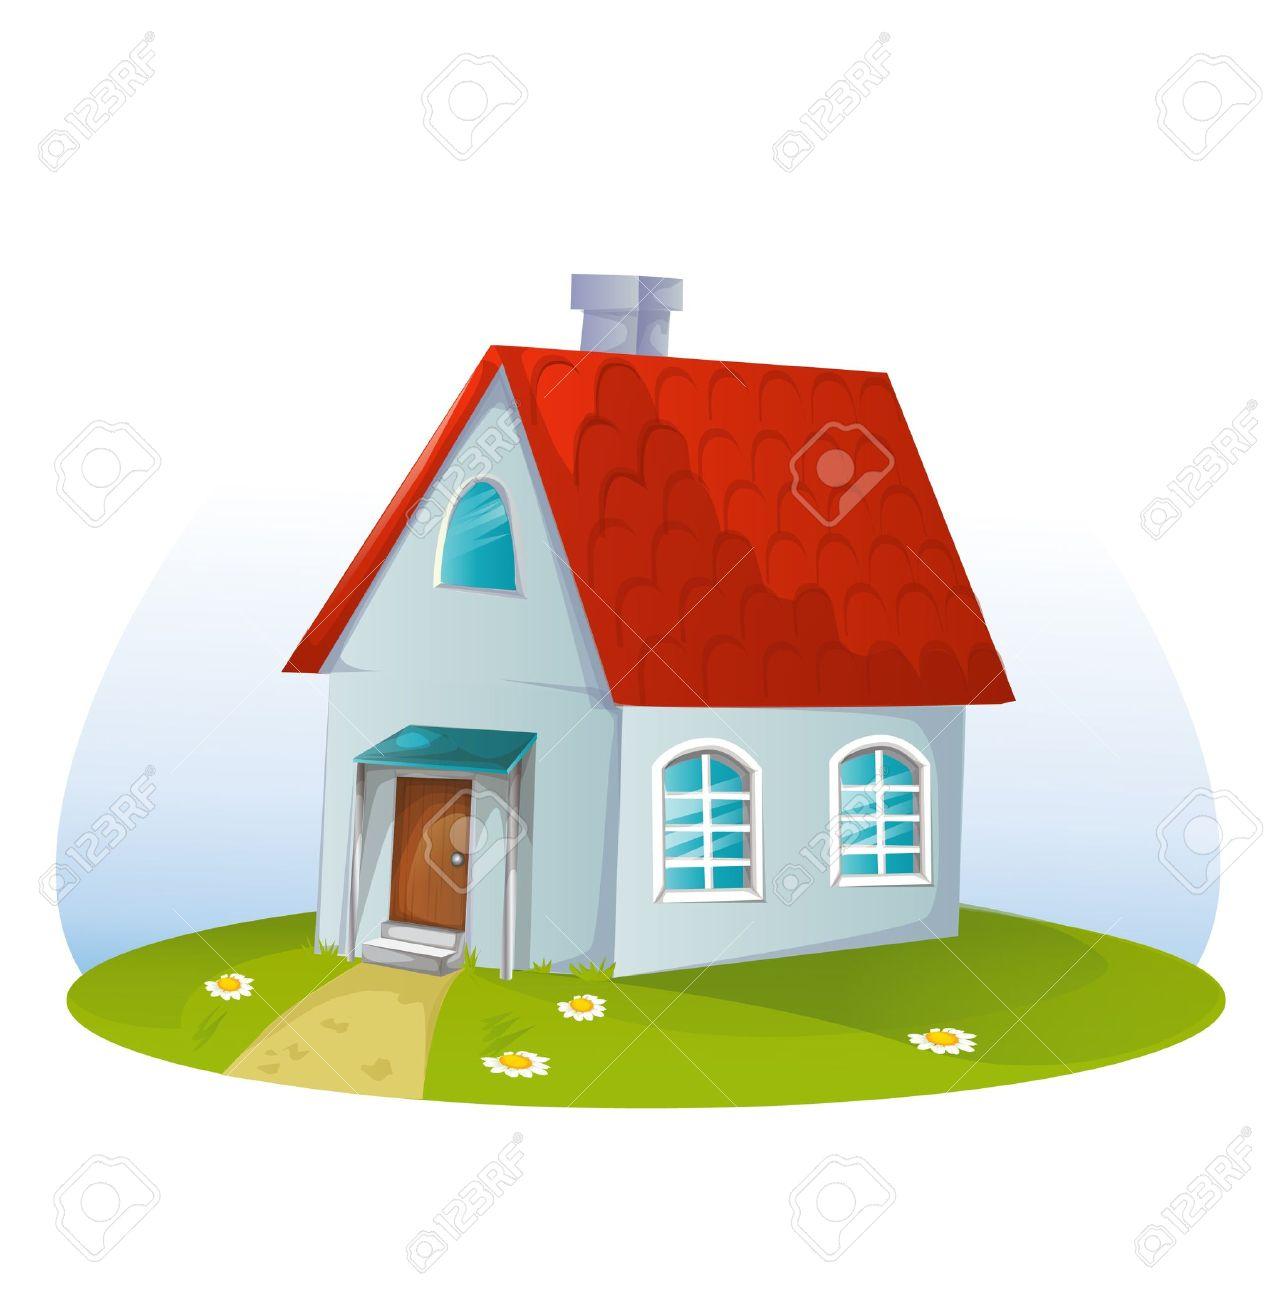 Banque dimages maison de dessin animé sur le fond blanc